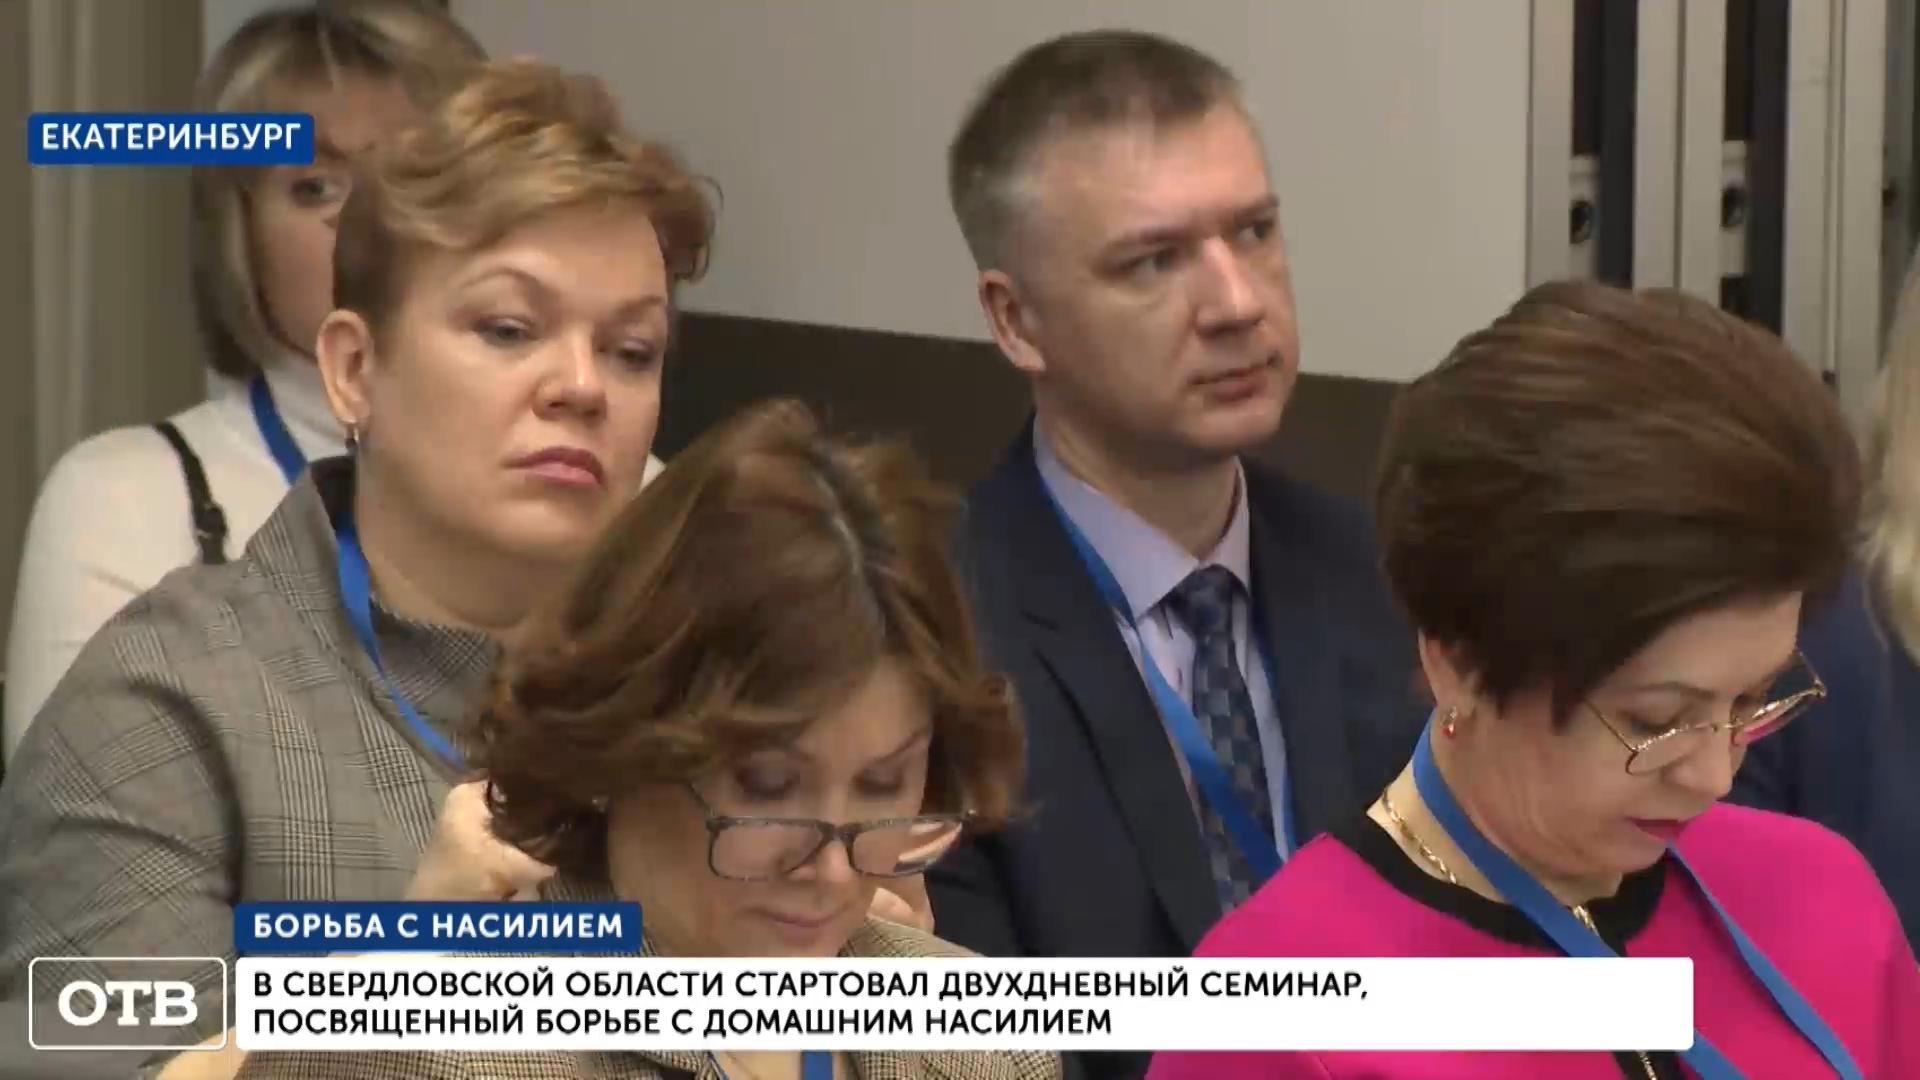 20200218_20-02-В Екатеринбурге стартовал двухдневный семинар по борьбе с домашним насилием-pic17